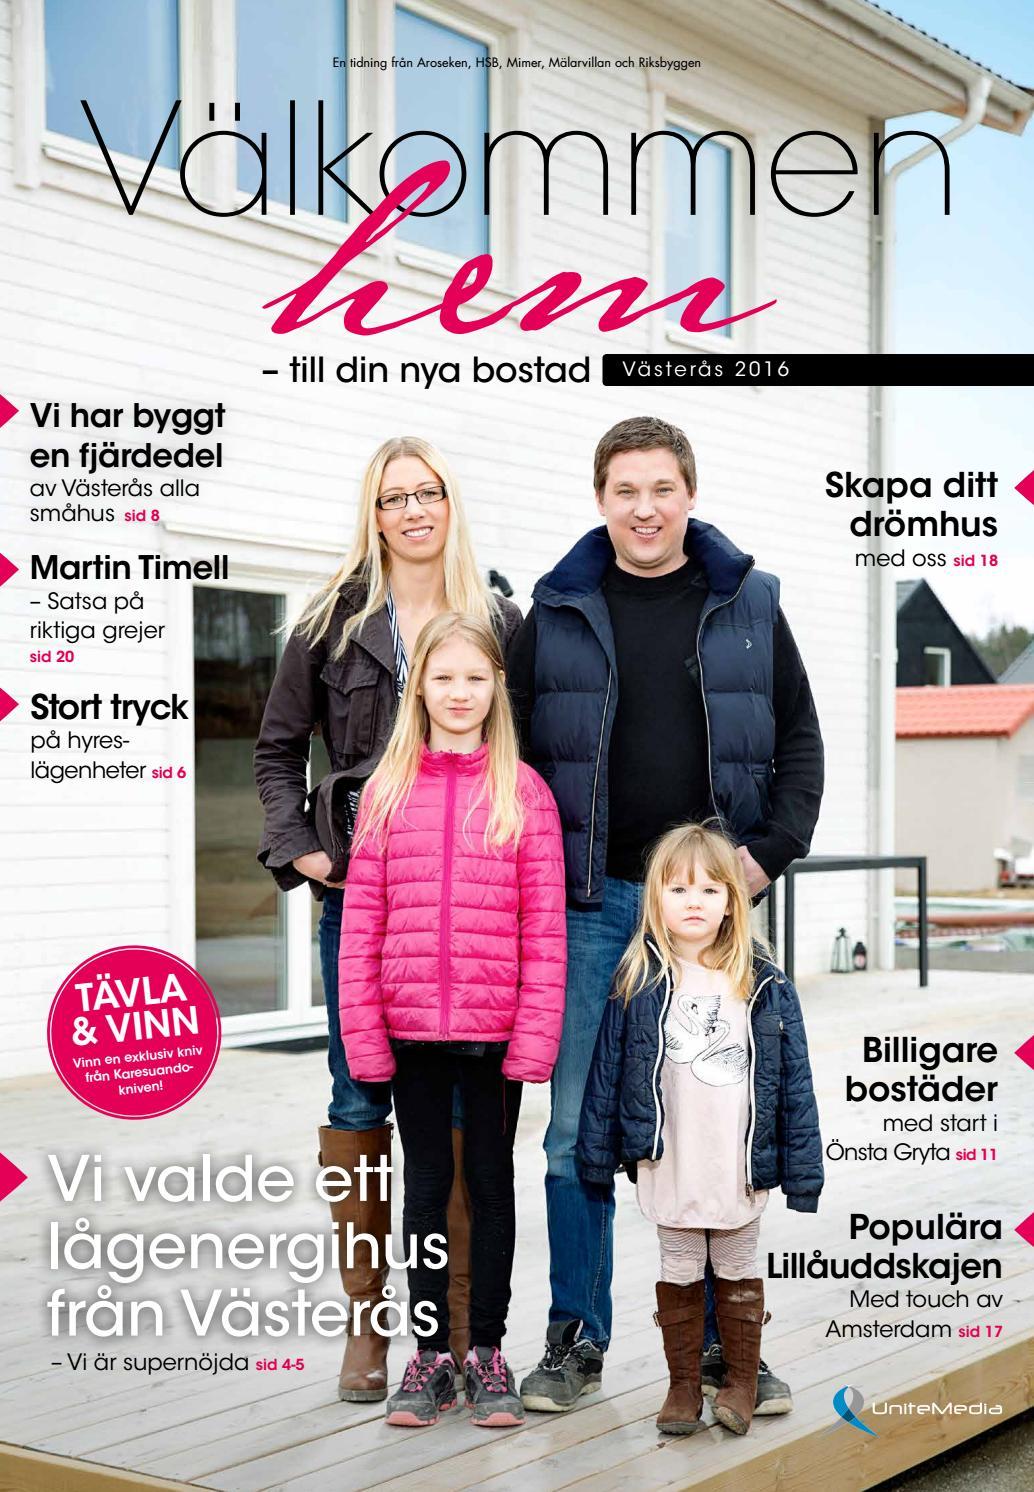 Hem villa & bostadsrätt göteborg by newsfactory media group   issuu